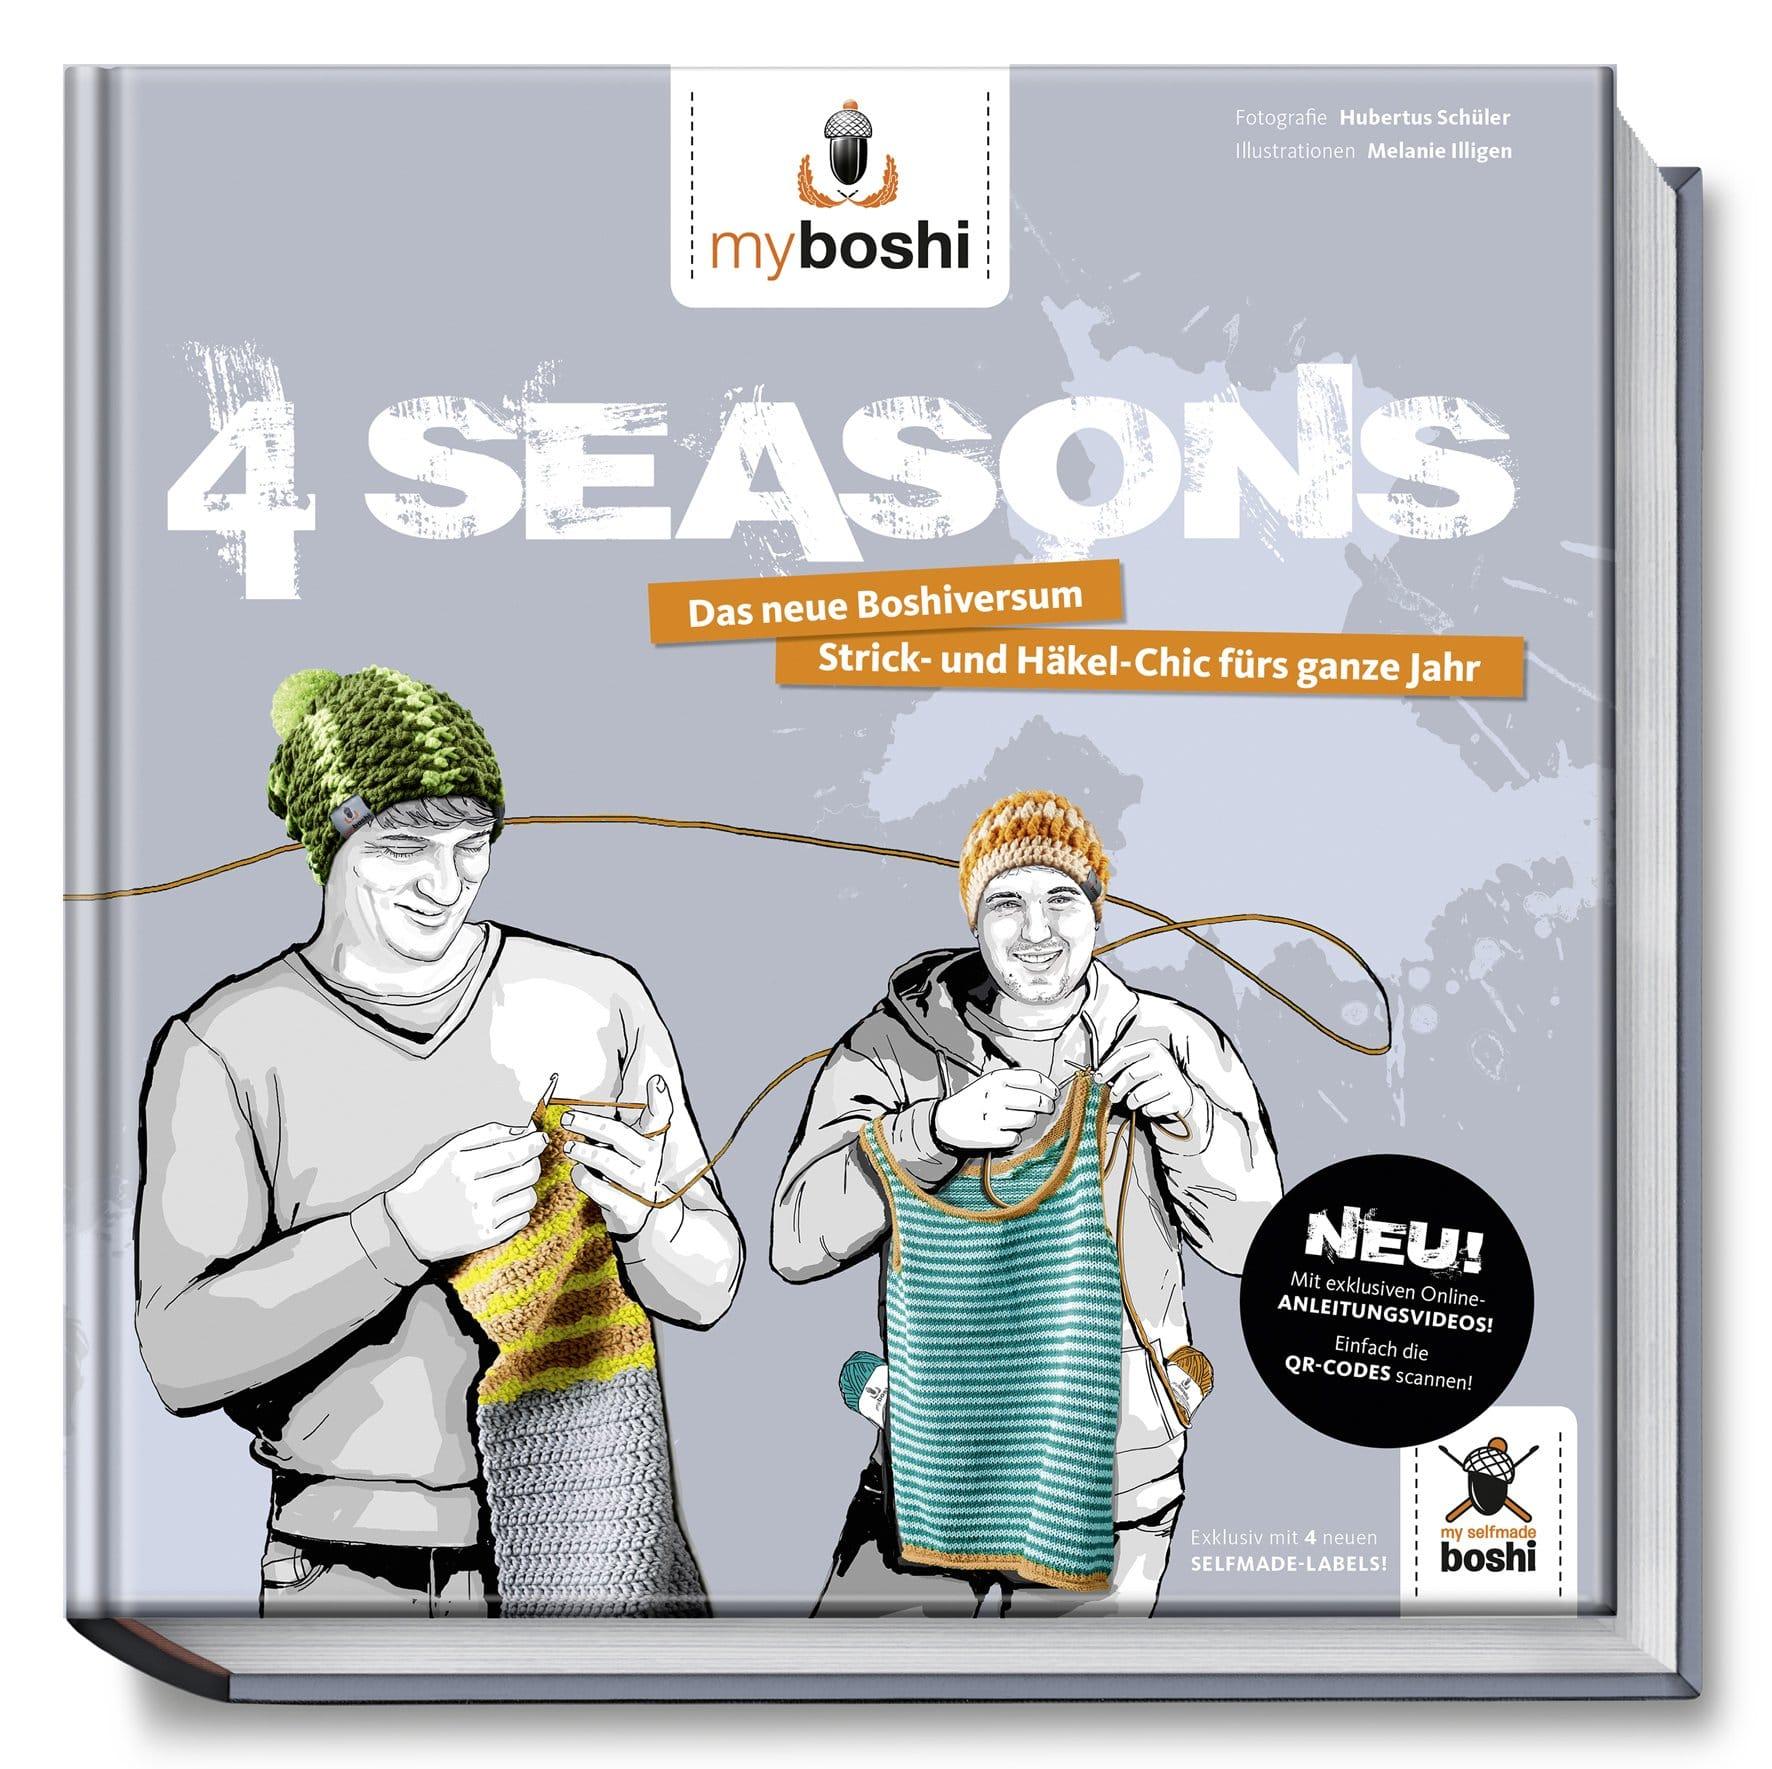 myboshi - 4 Seasons. Das neue Boshiversum - Strick- und Häkel-Chic fürs ganze Jahr.